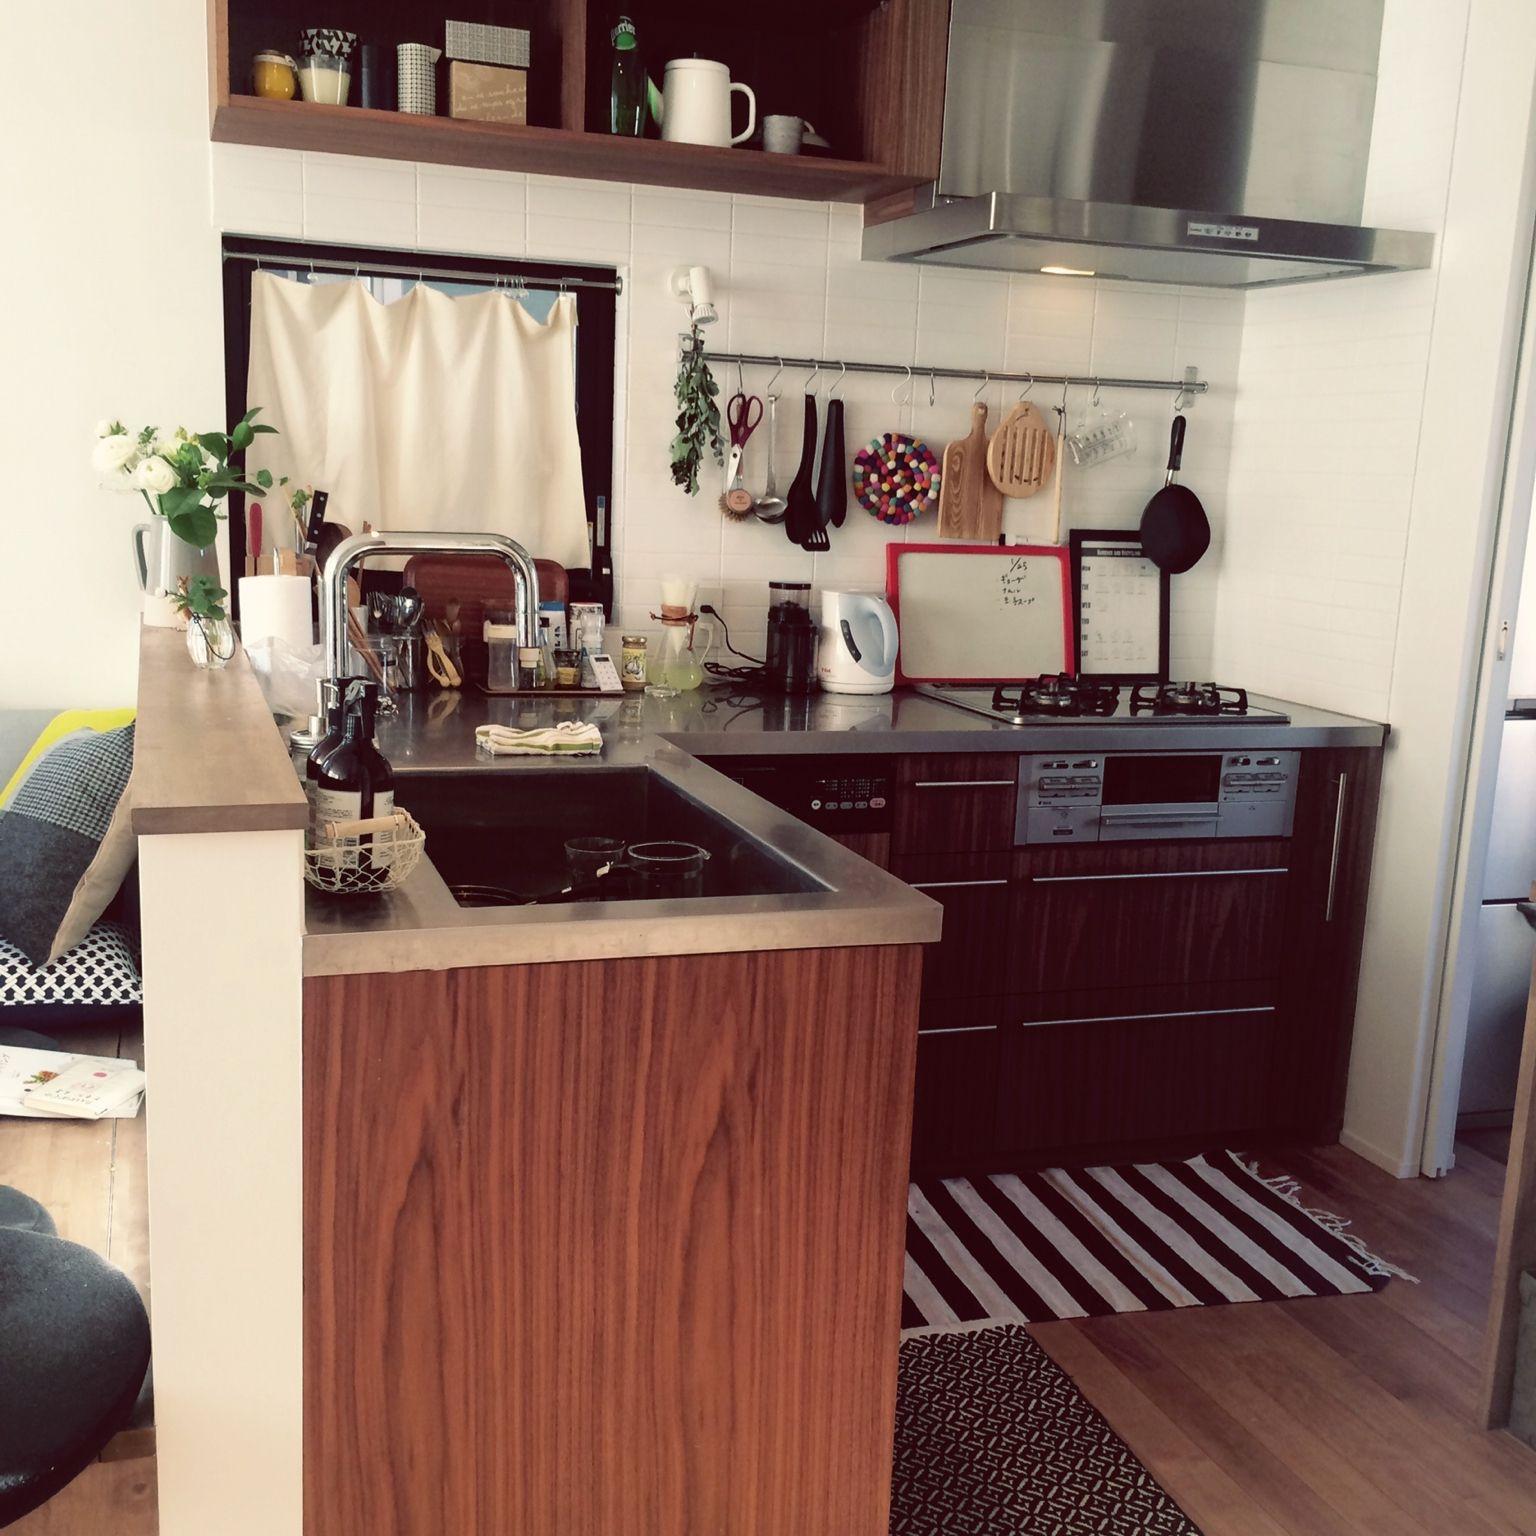 キッチン L字型キッチン 造作キッチン 食洗機 ハーマン カウンター